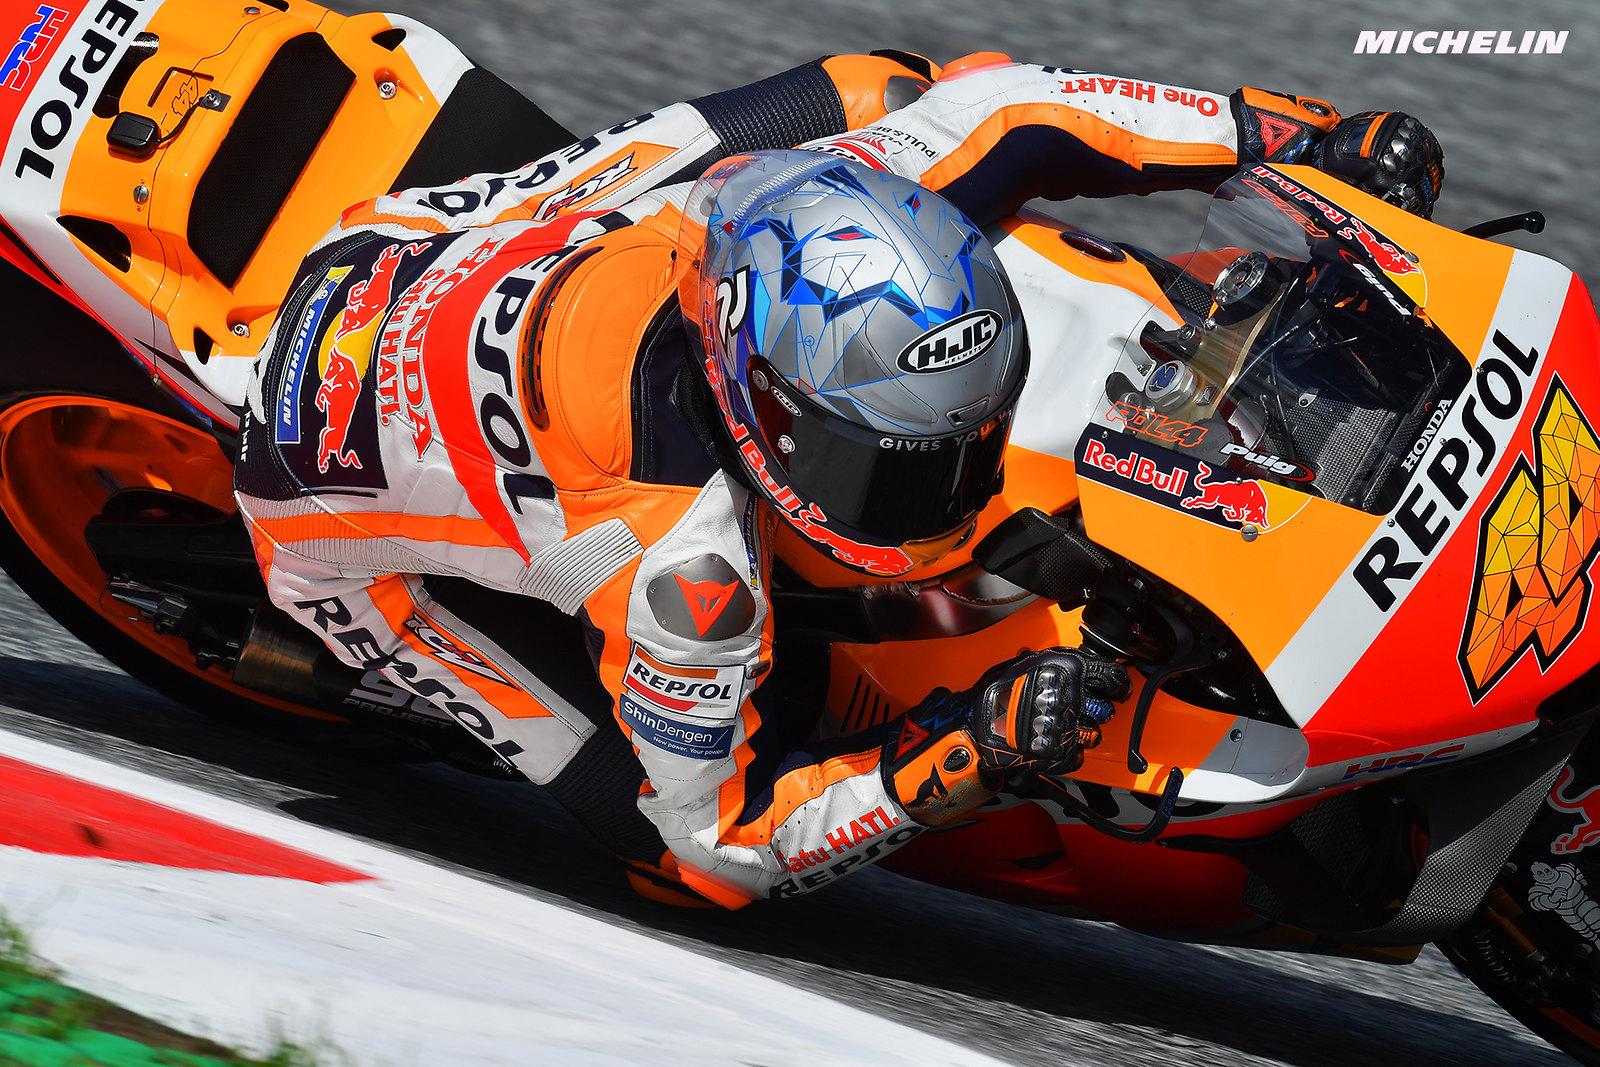 MotoGP2021 初日総合5位 ポル・エスパルガロ「今日はプランどおりに走行出来た」